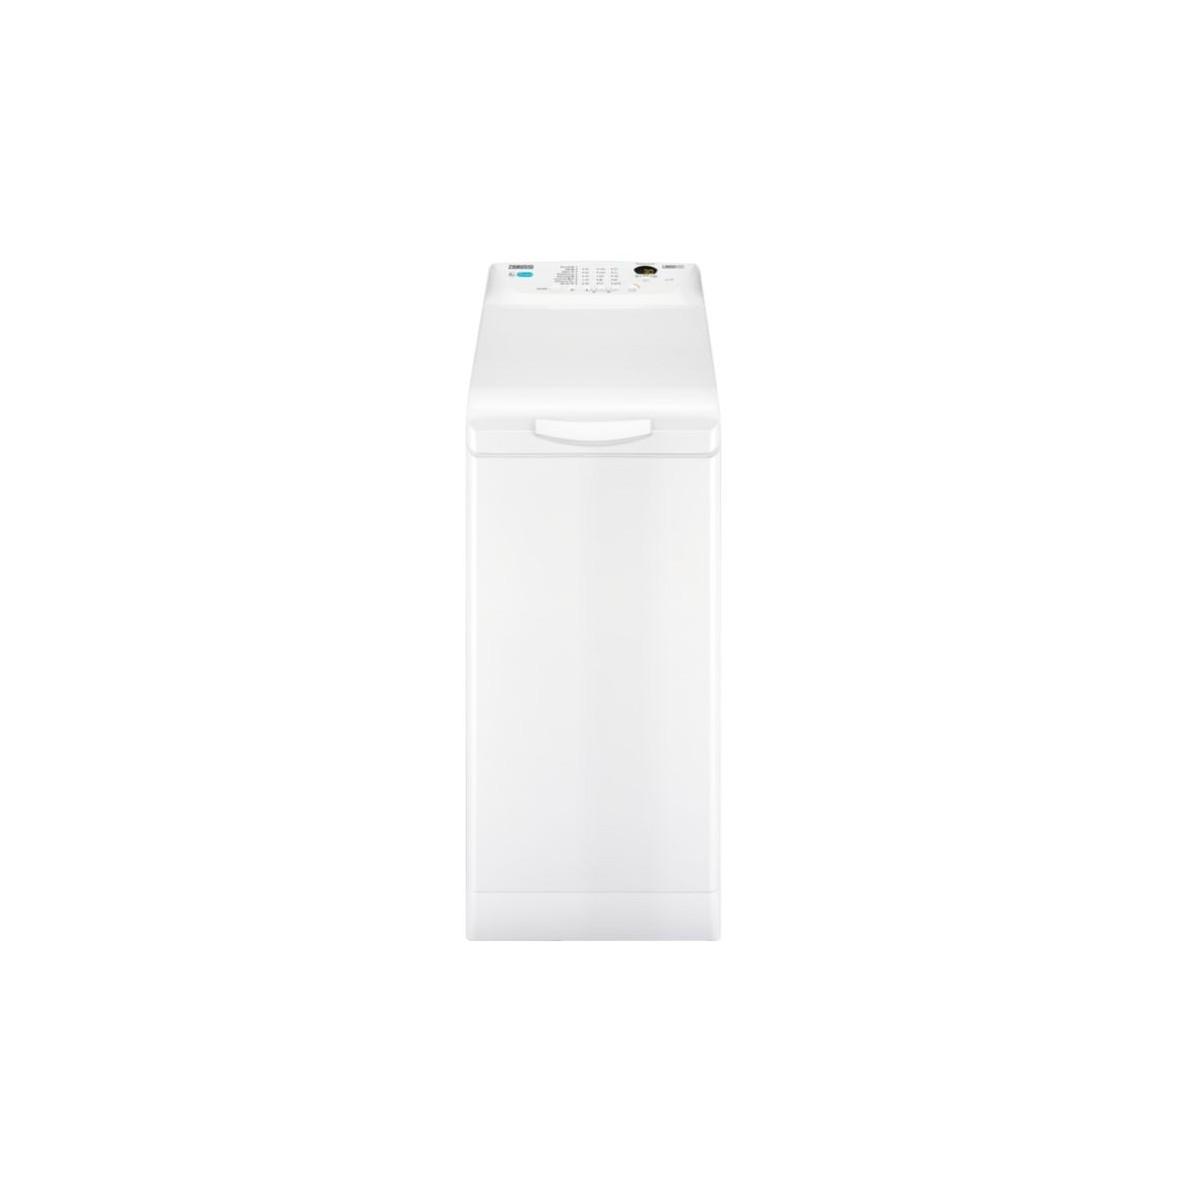 Lavadora de carga superior Zanussi ZWQ61235CI 6kg clase A+++